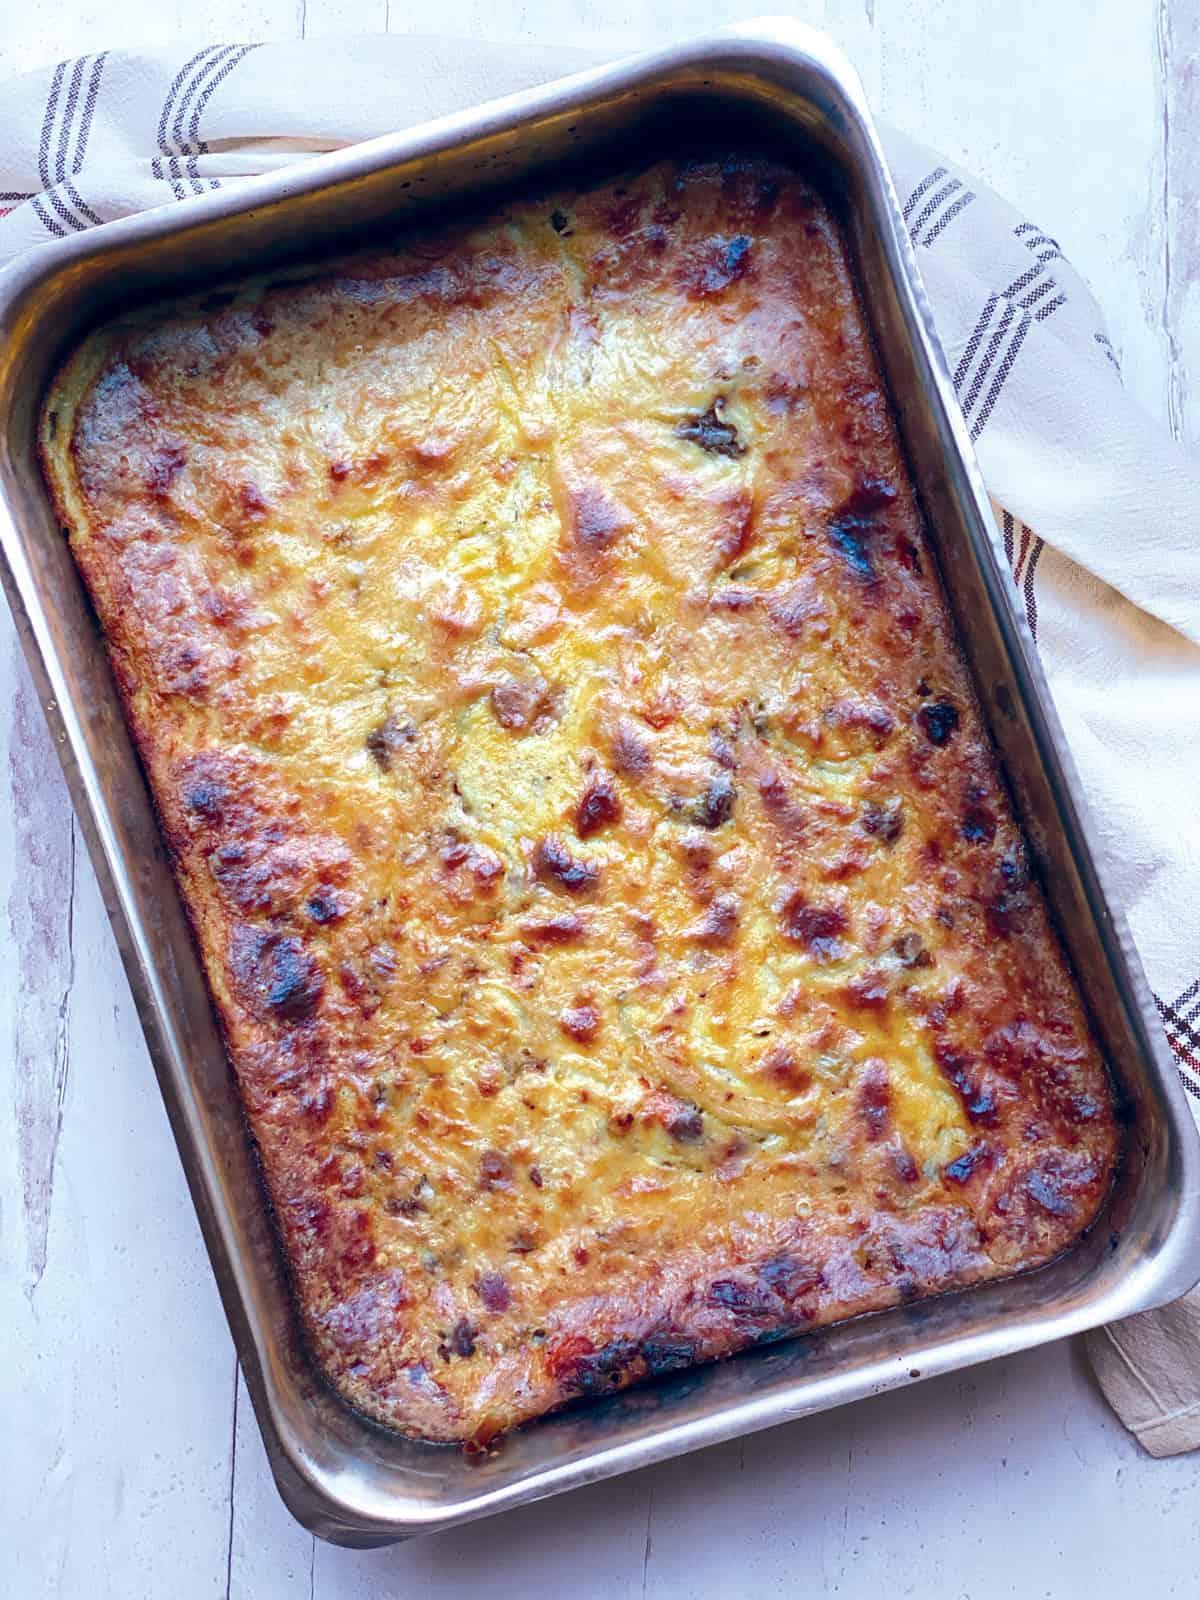 Baked Pastitsio-greek lasagna in a baking pan.